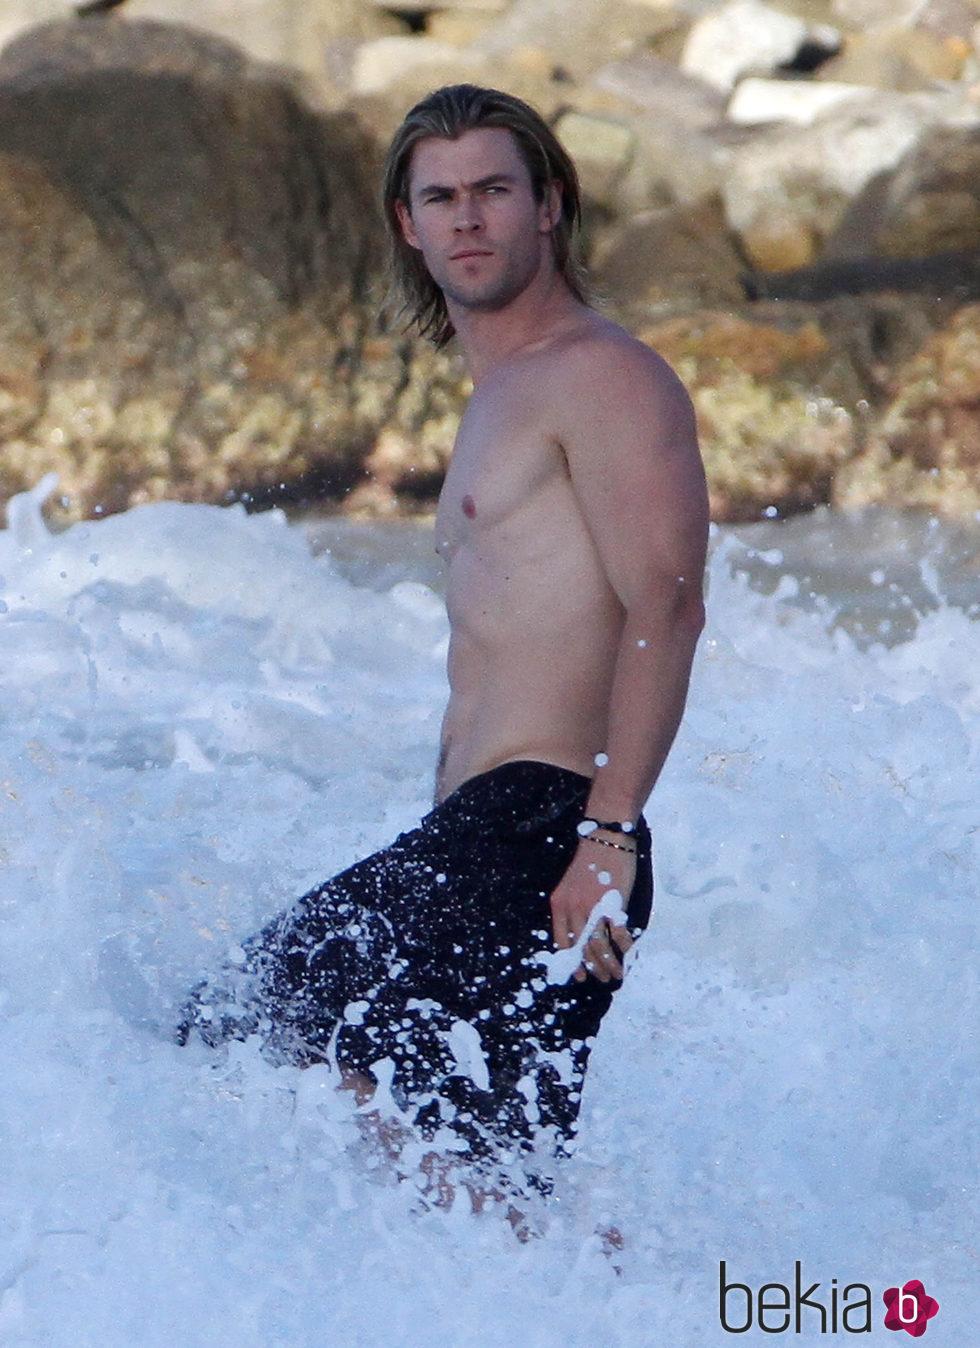 Chris Hemsworth luciendo torso dándose un baño